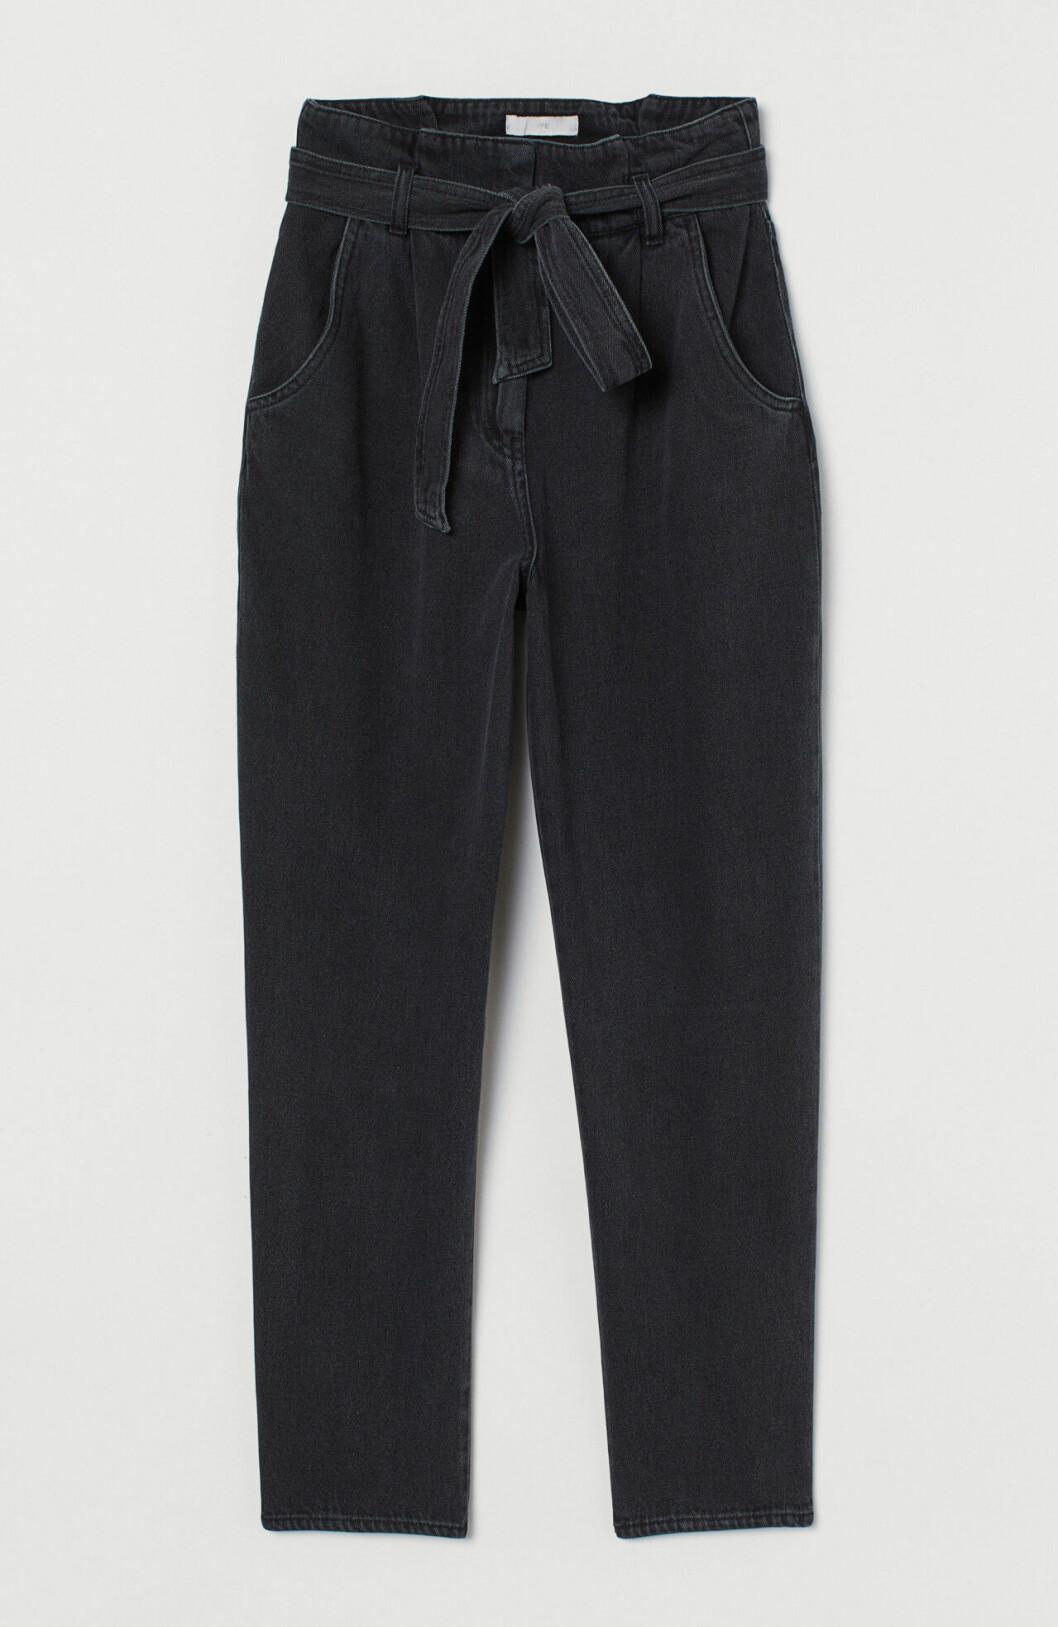 Svarta jeans med hög midja för dam till våren 2020